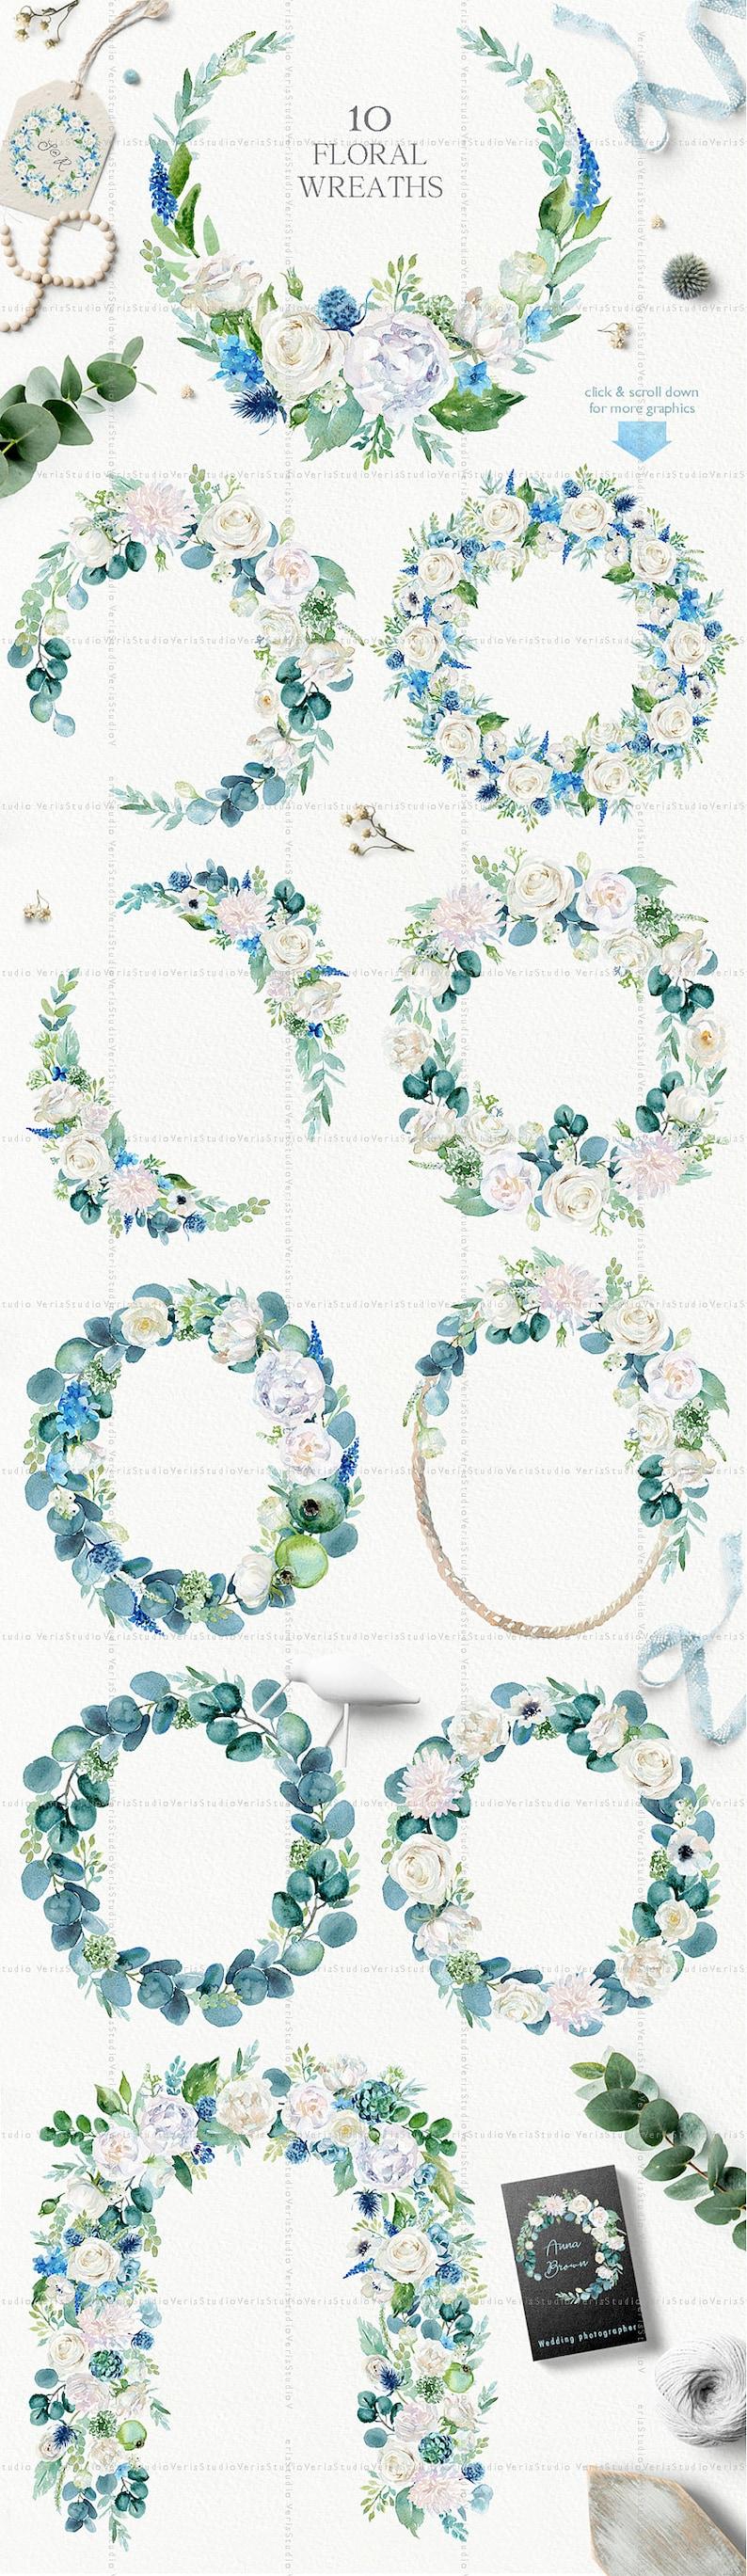 3a04fa9d36e9 Watercolor White Set frames wreaths bouquets elements clip